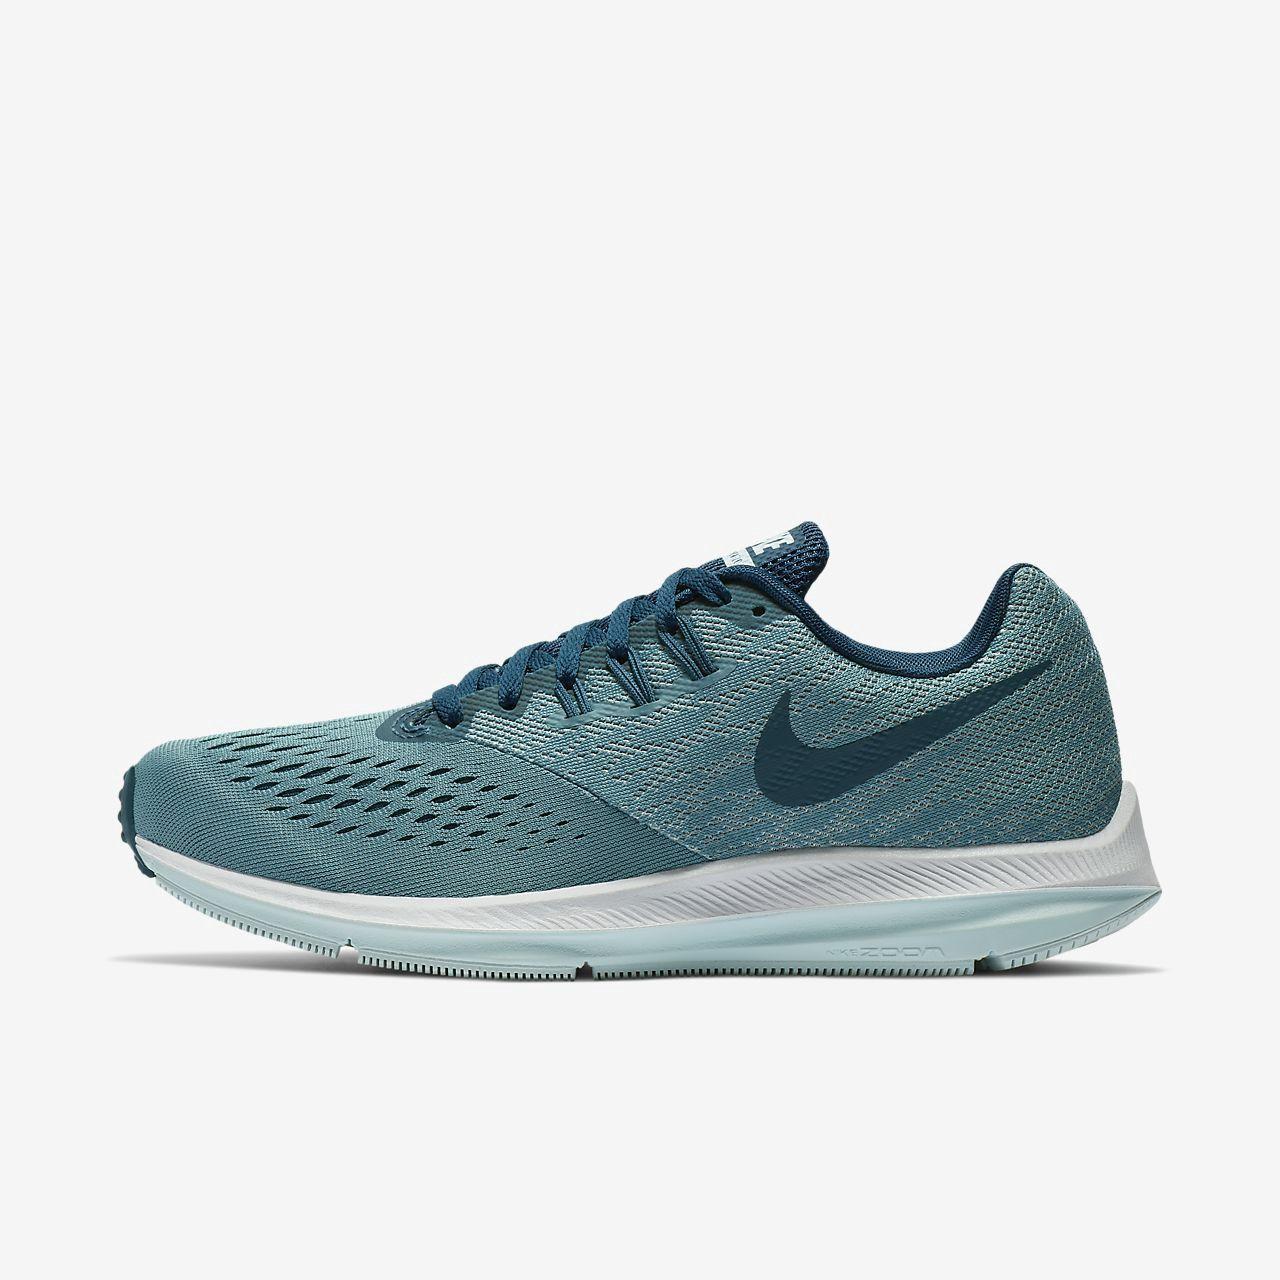 578e05b8106b Nike Zoom Winflo 4 Women s Running Shoe - 11.5